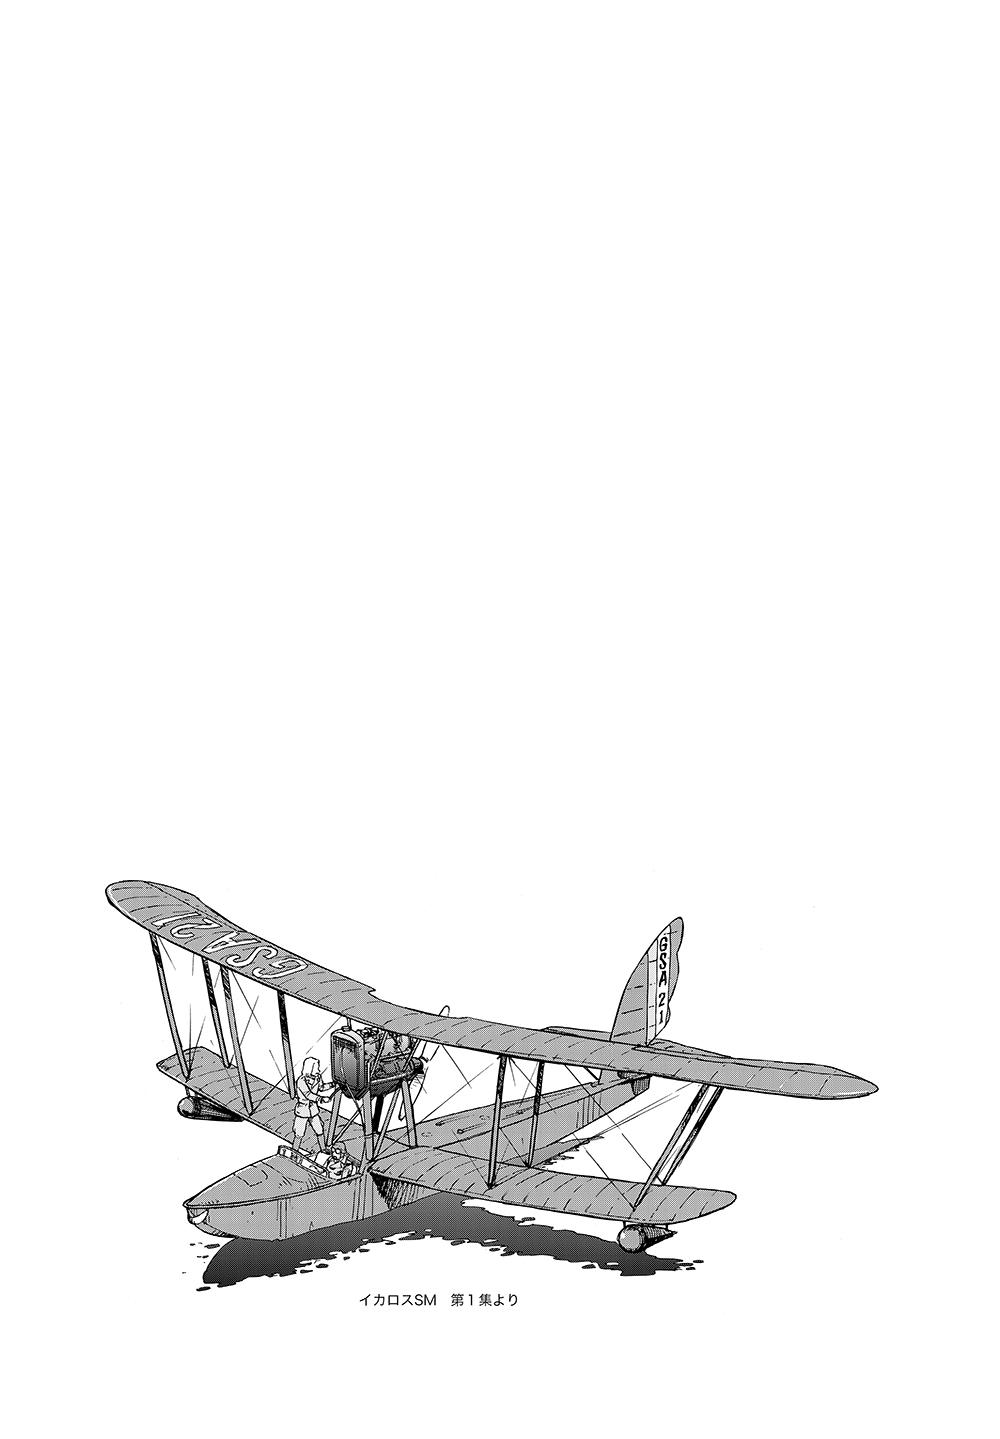 女流飛行士マリア・マンテガッツァの冒険 第十九話25ページ目画像